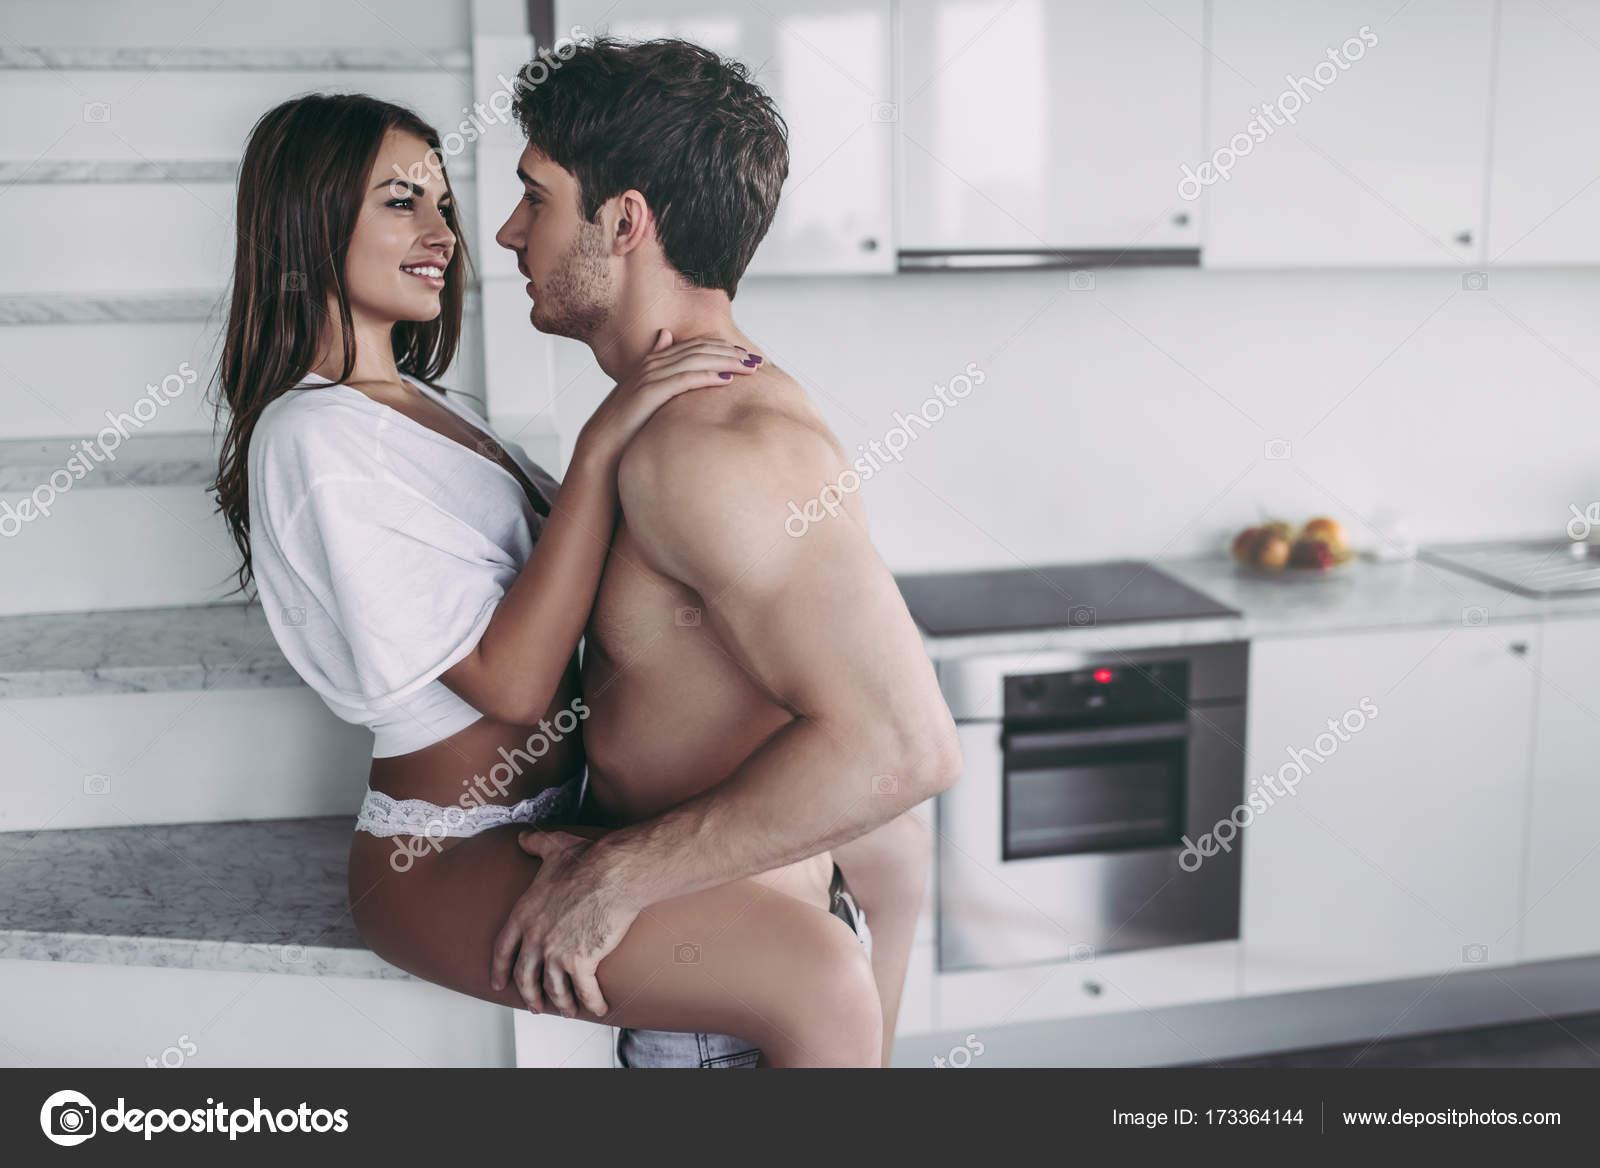 seks-pari-na-kuhne-fizicheski